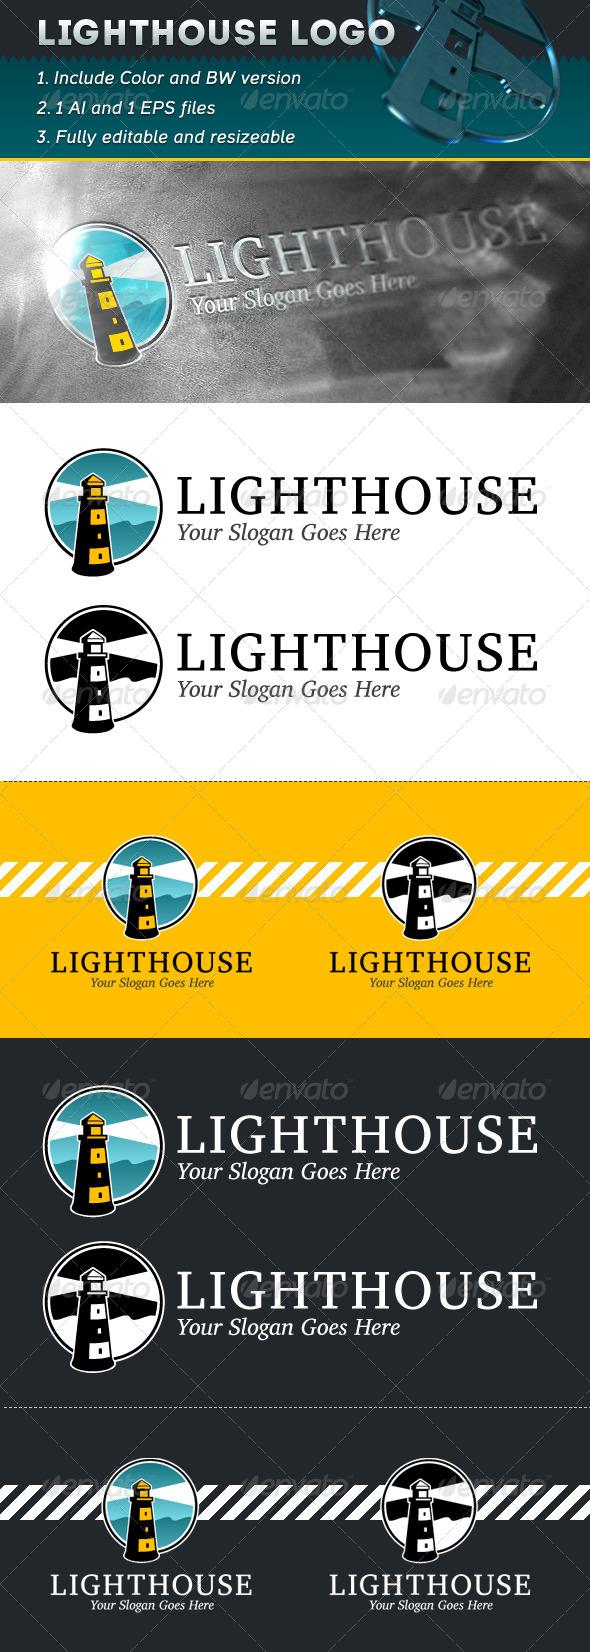 GraphicRiver Lighthouse Logo 5326482